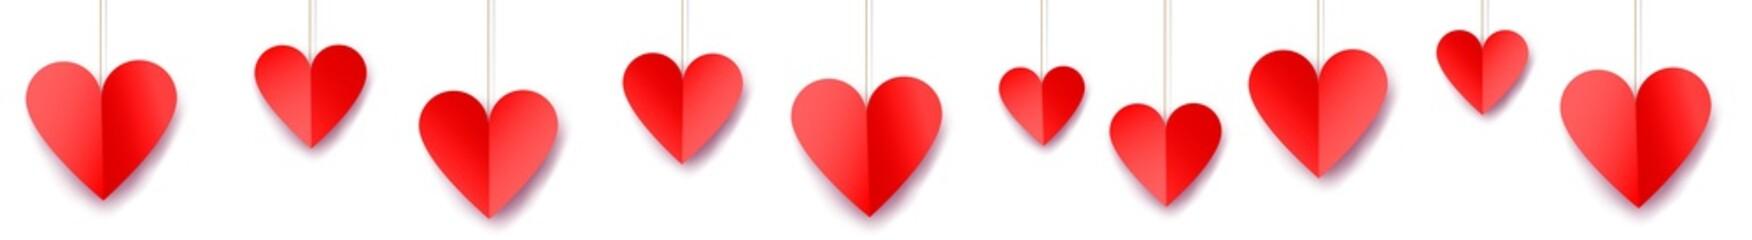 Valentine's day web banner